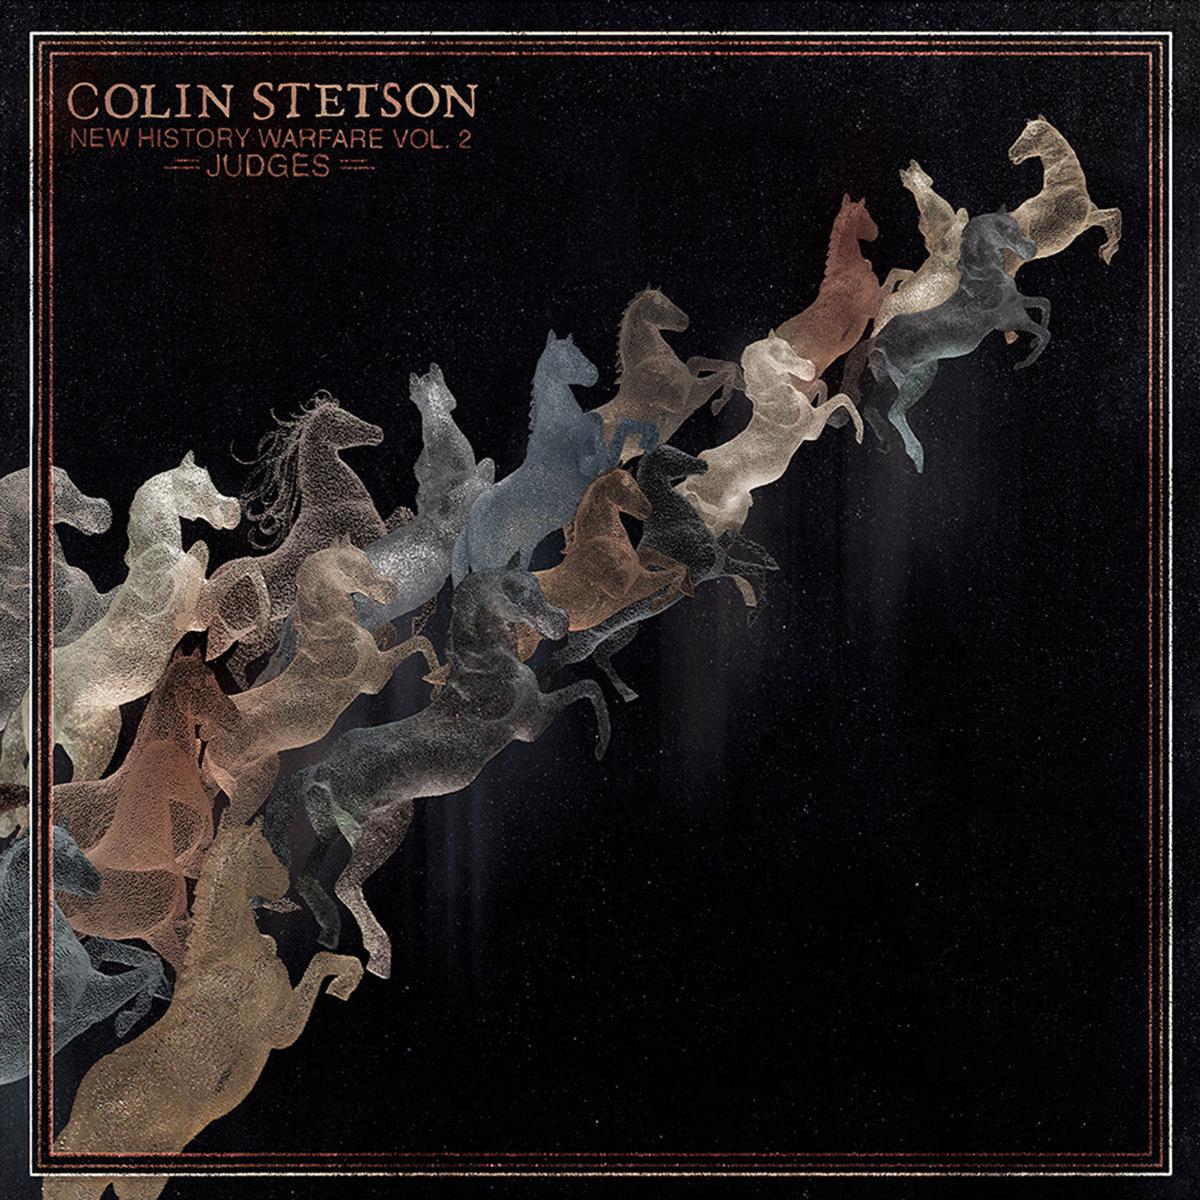 Colin Stetson • New History Warfare Vol. 2 : Judges-1